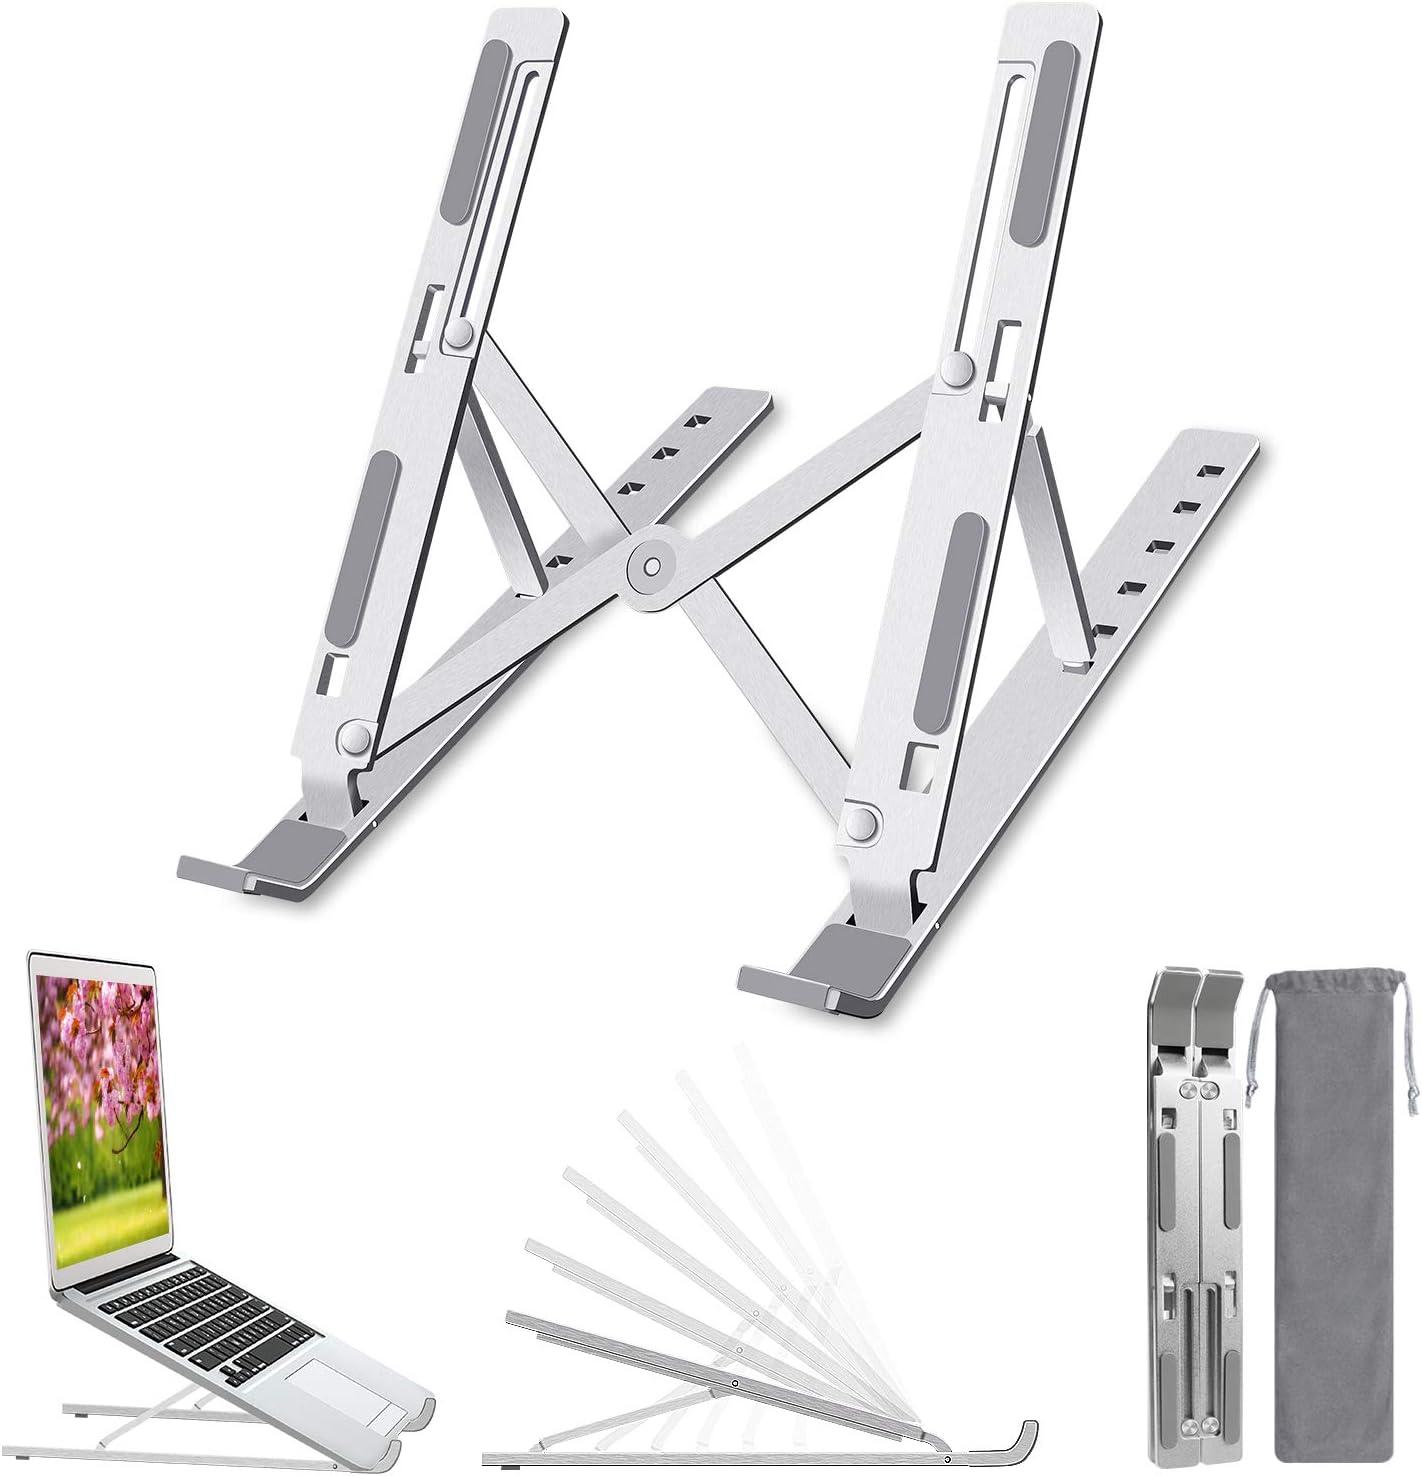 Miuzei Laptop St/änder die meisten 10~17 Zoll Laptops Pro,Dell XPS laptopst/änder h/öhenverstellbar Tragbarer Notebook St/änder faltbar Computerhalterung laptophalter,kompatibel mit MacBook Air